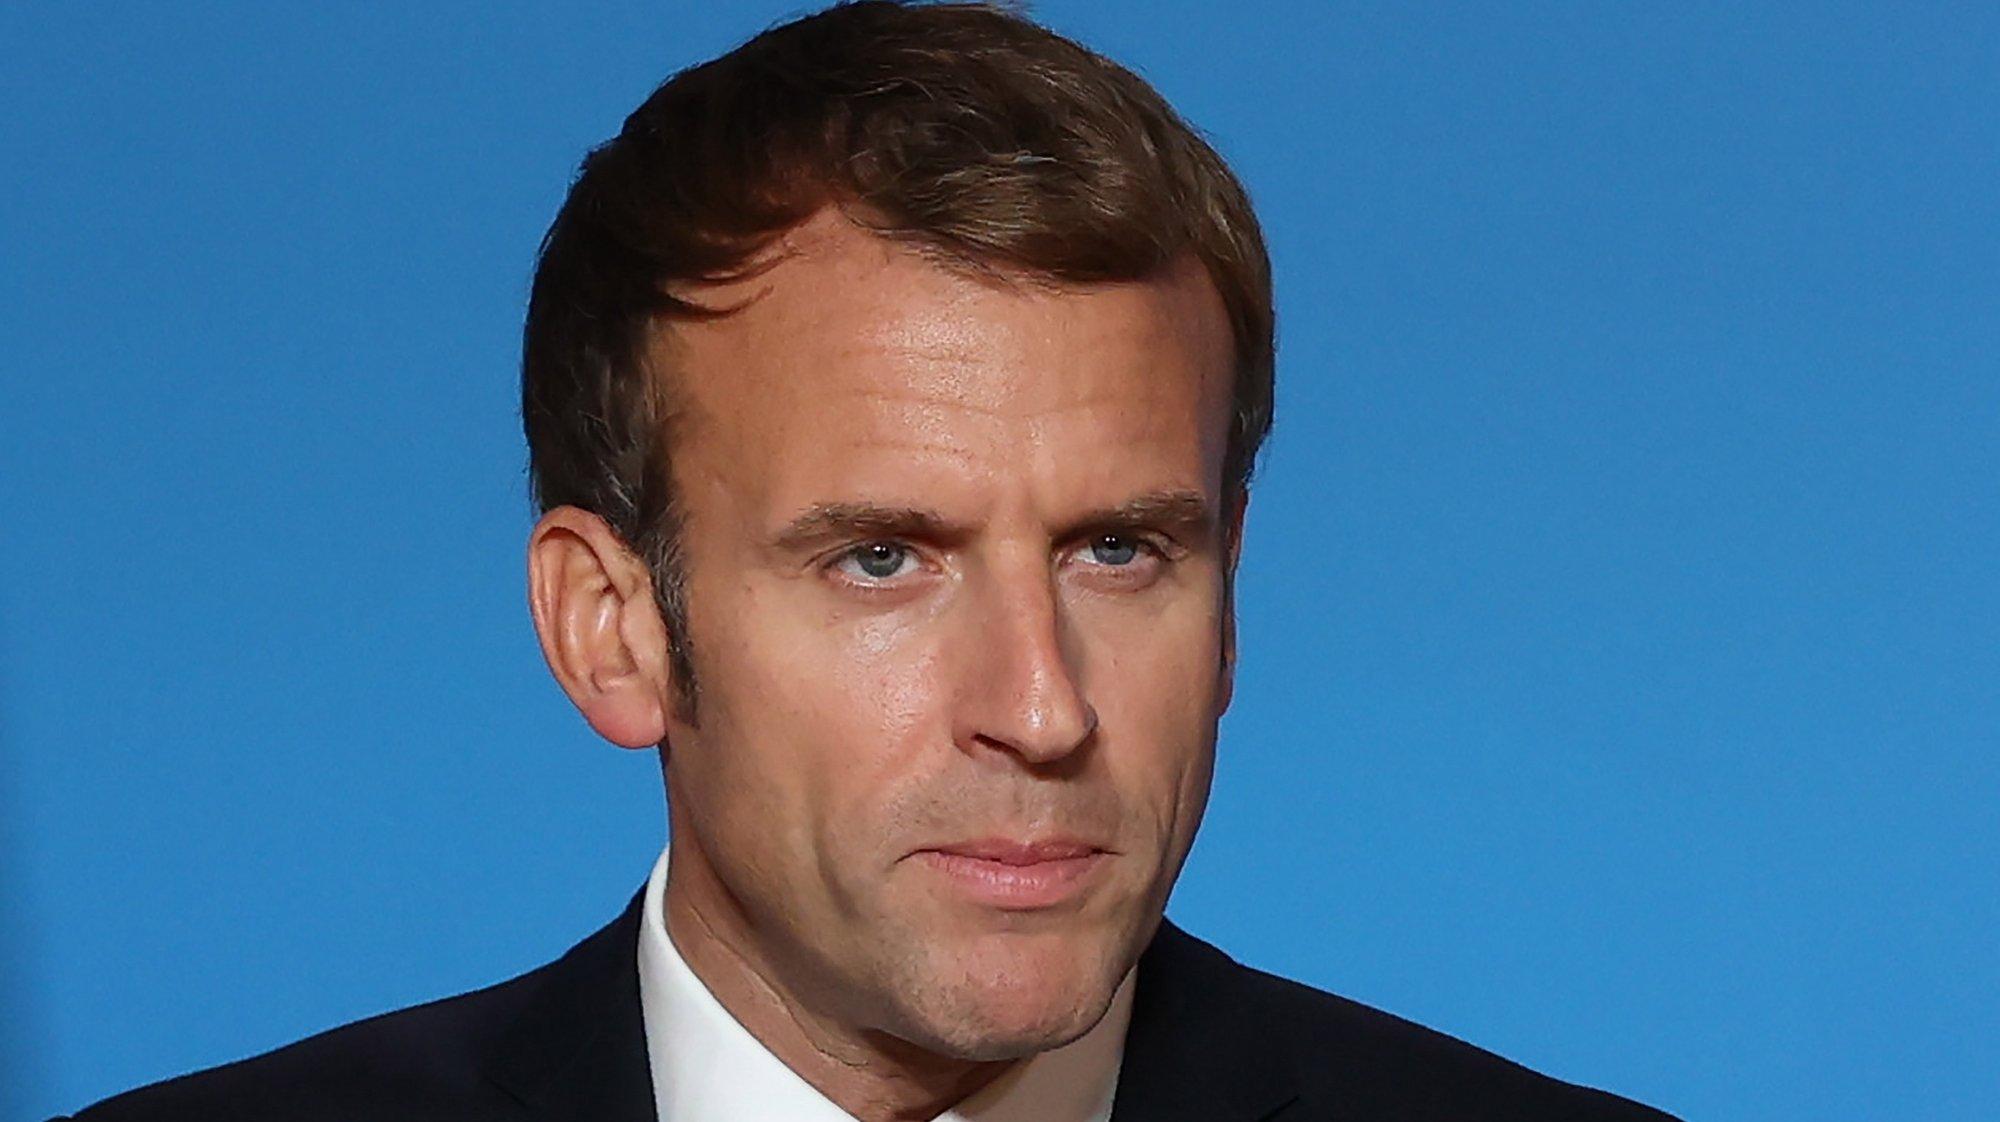 Emmanuel Macron fala durante uma conferência de imprensa